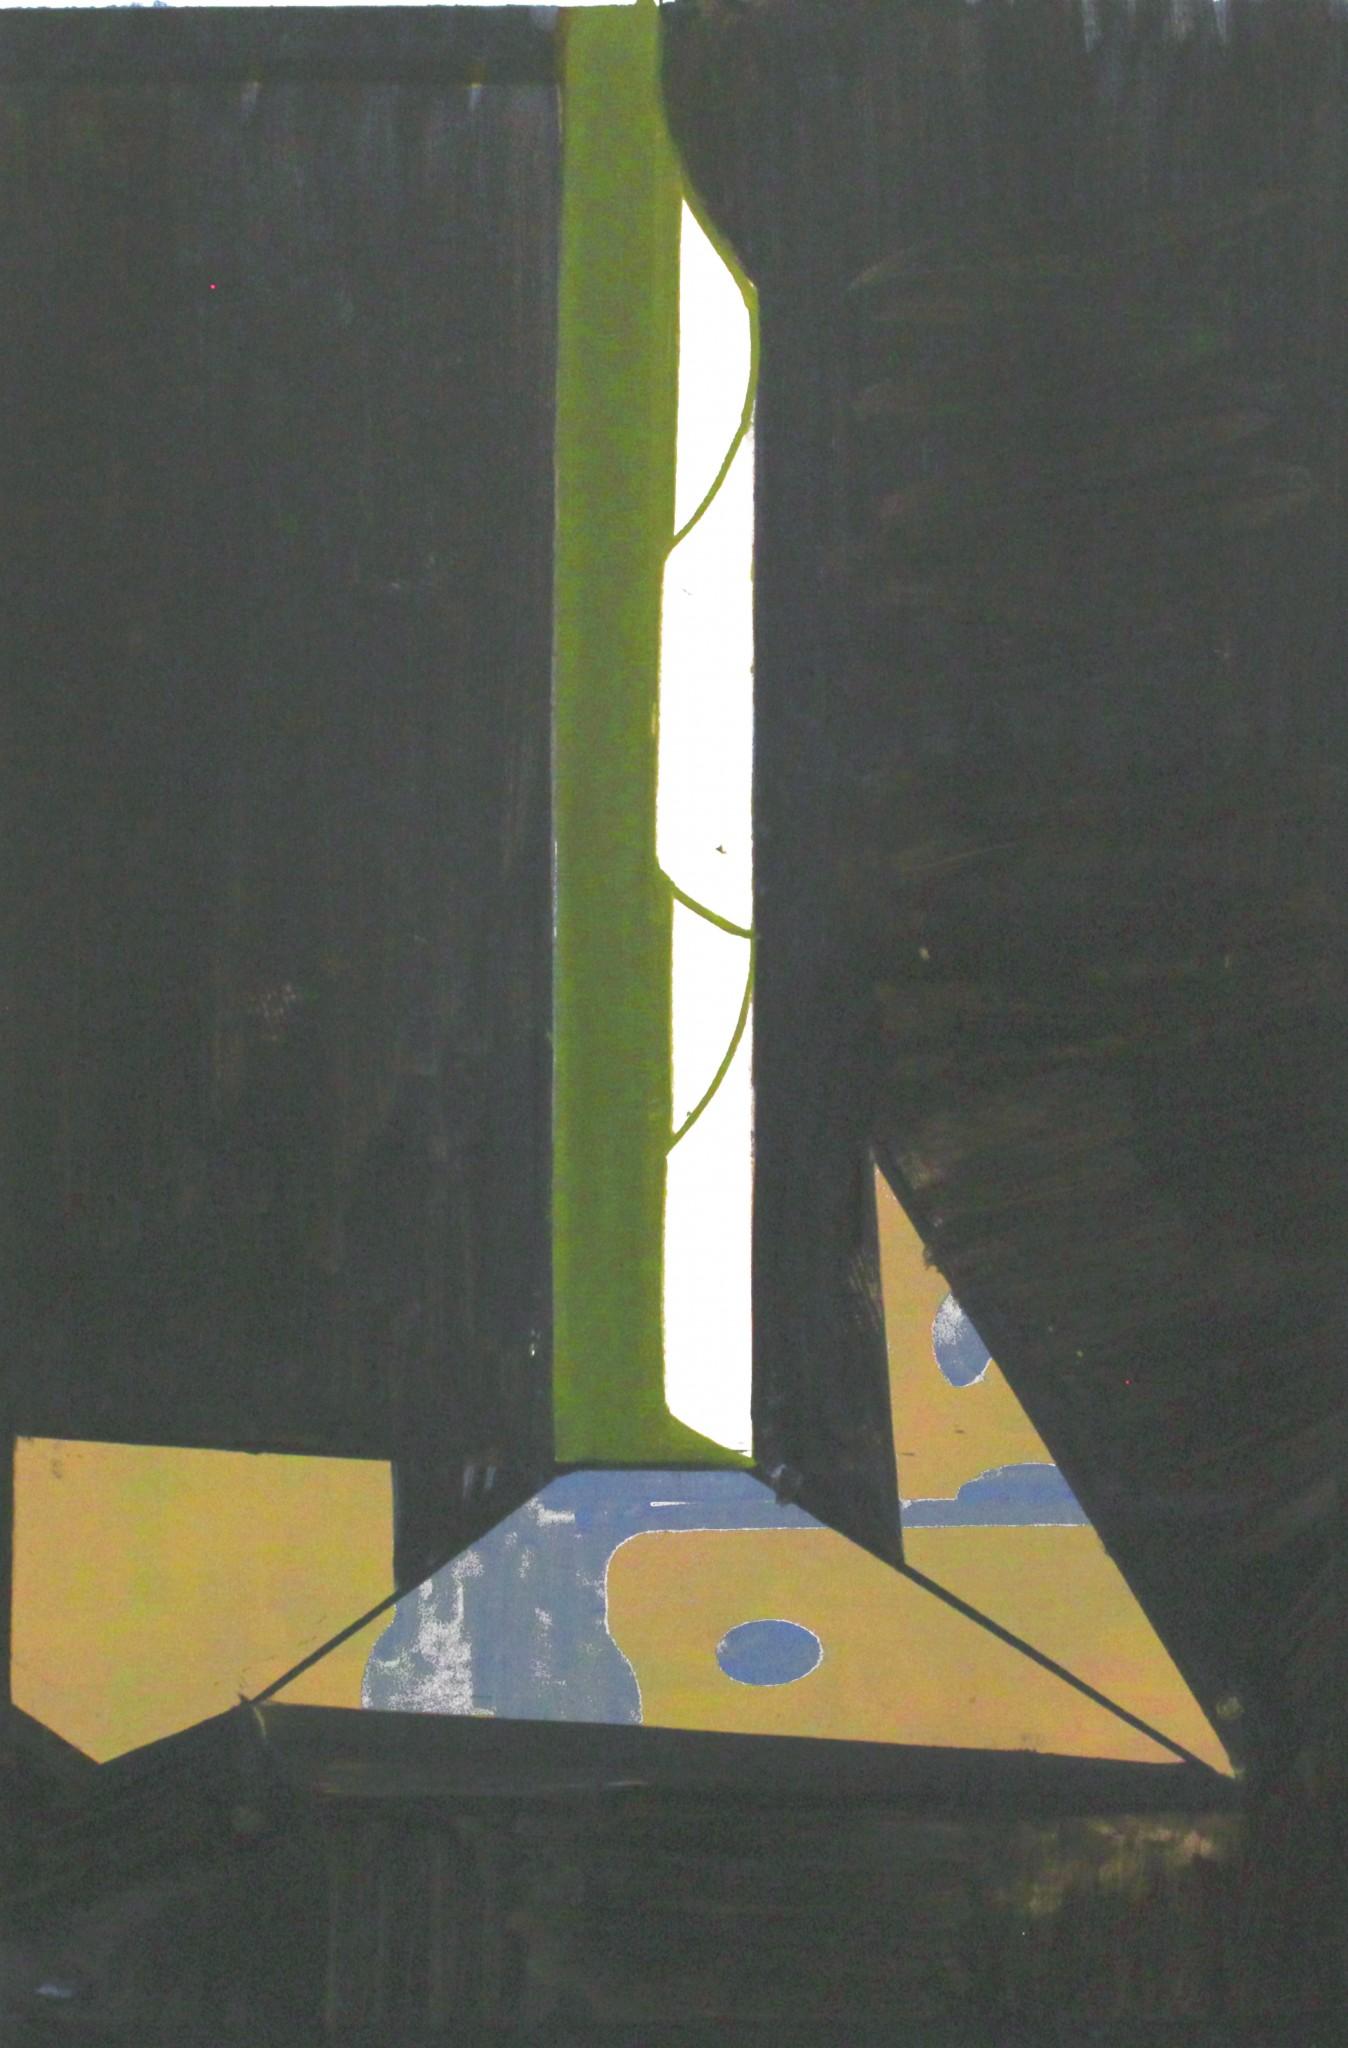 olja på duk, 100 x 66 cm, 2019